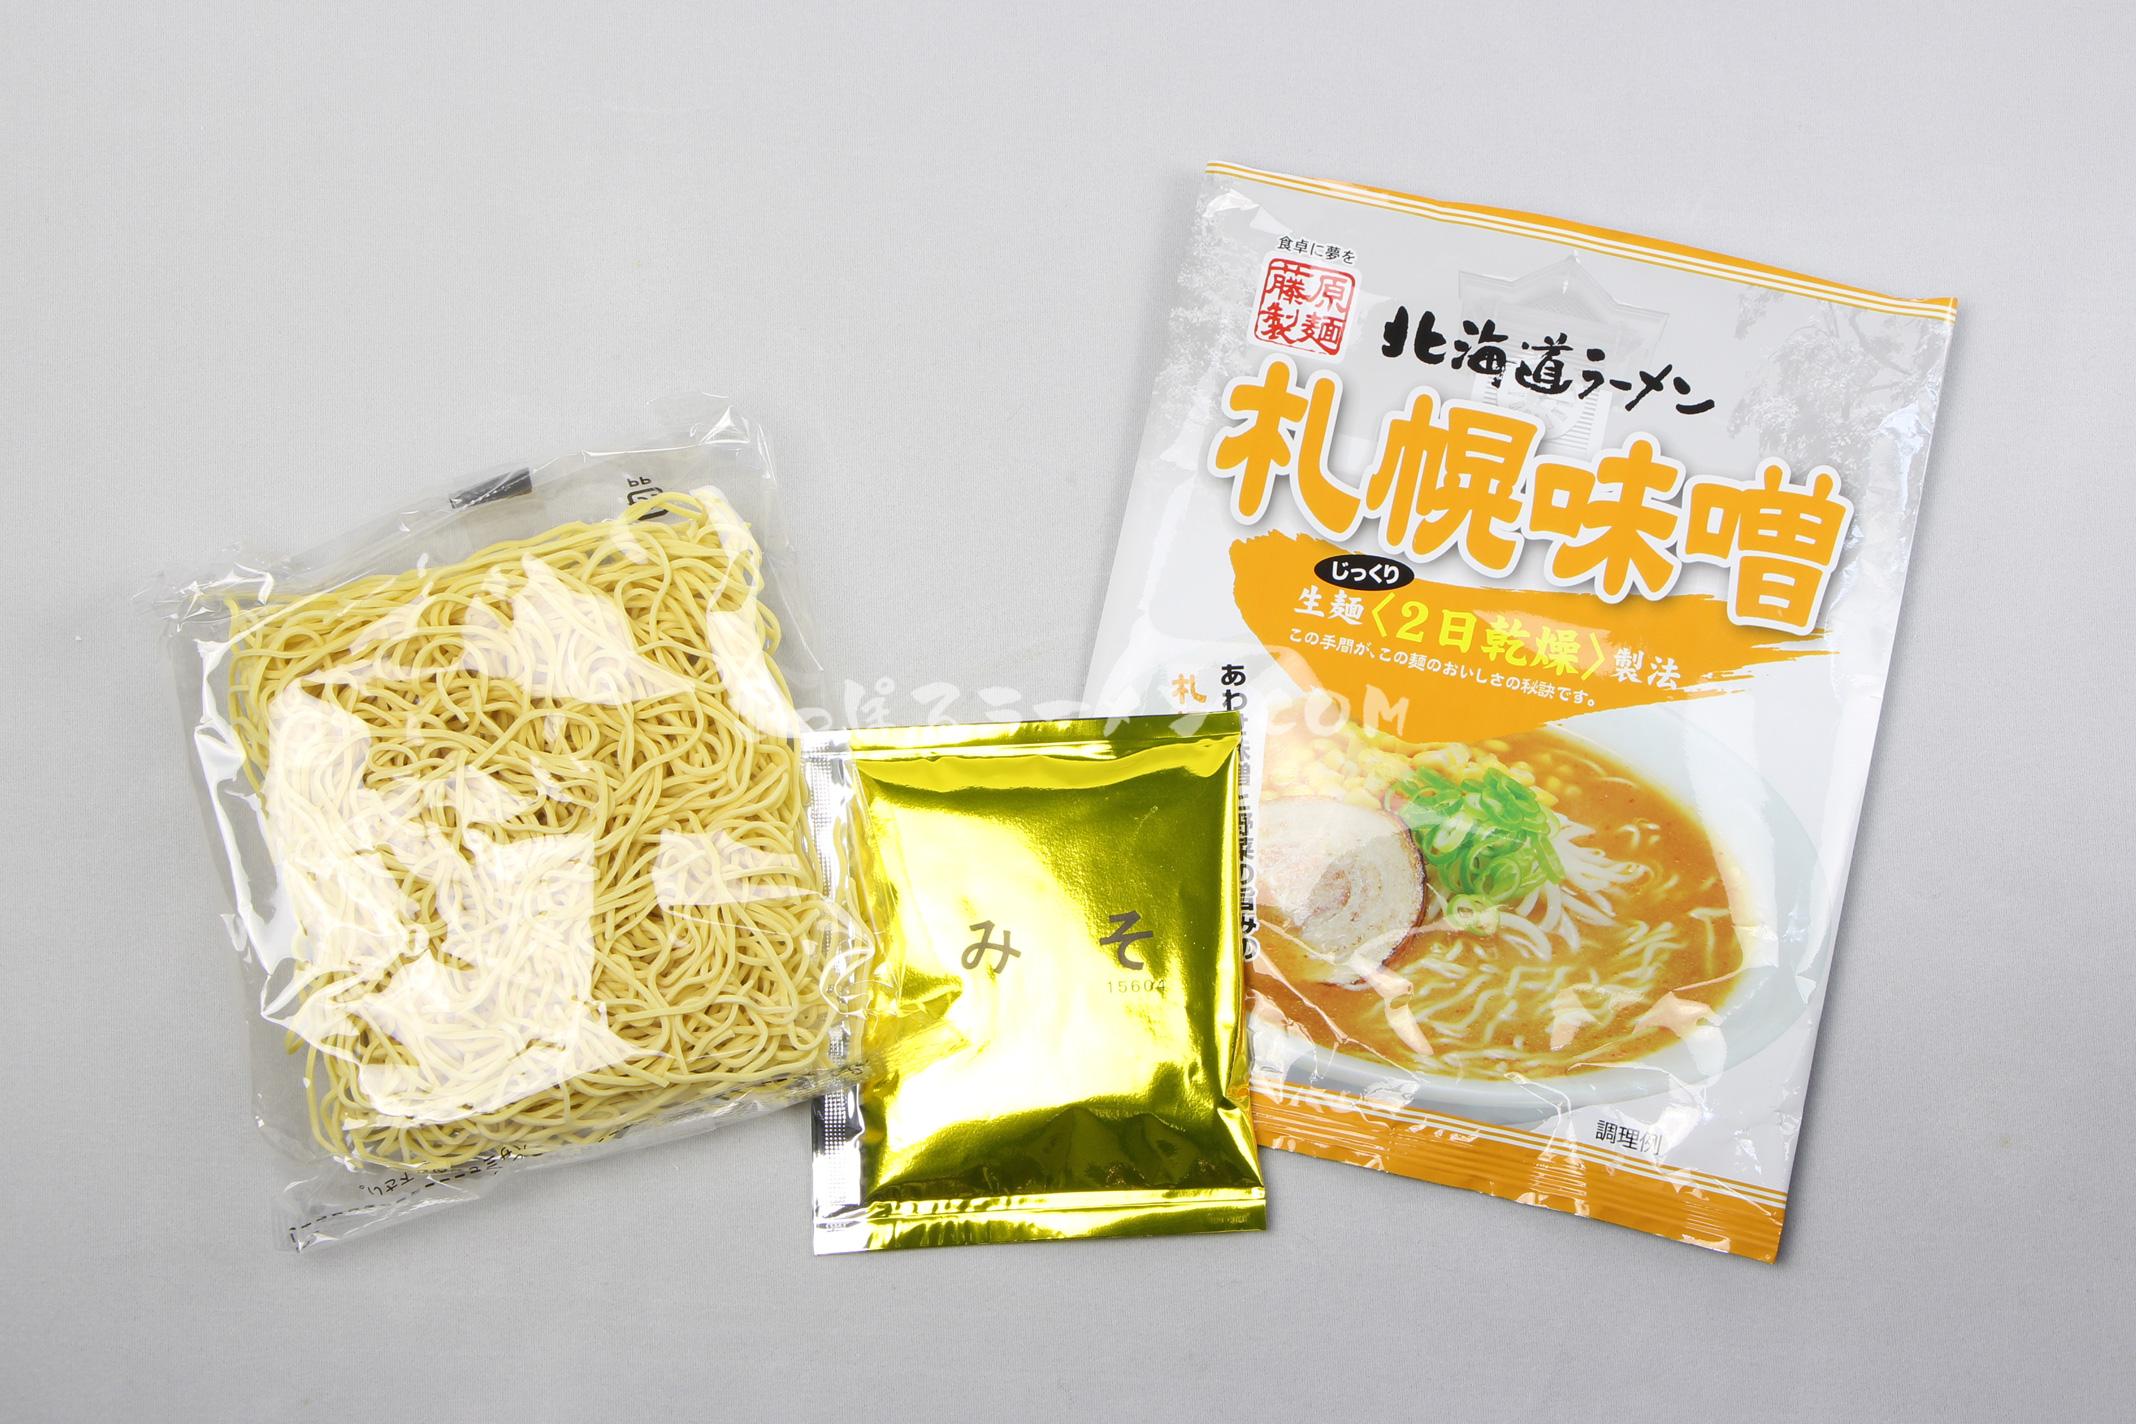 「北海道ラーメン札幌味噌」(藤原製麺)の麺とスープ